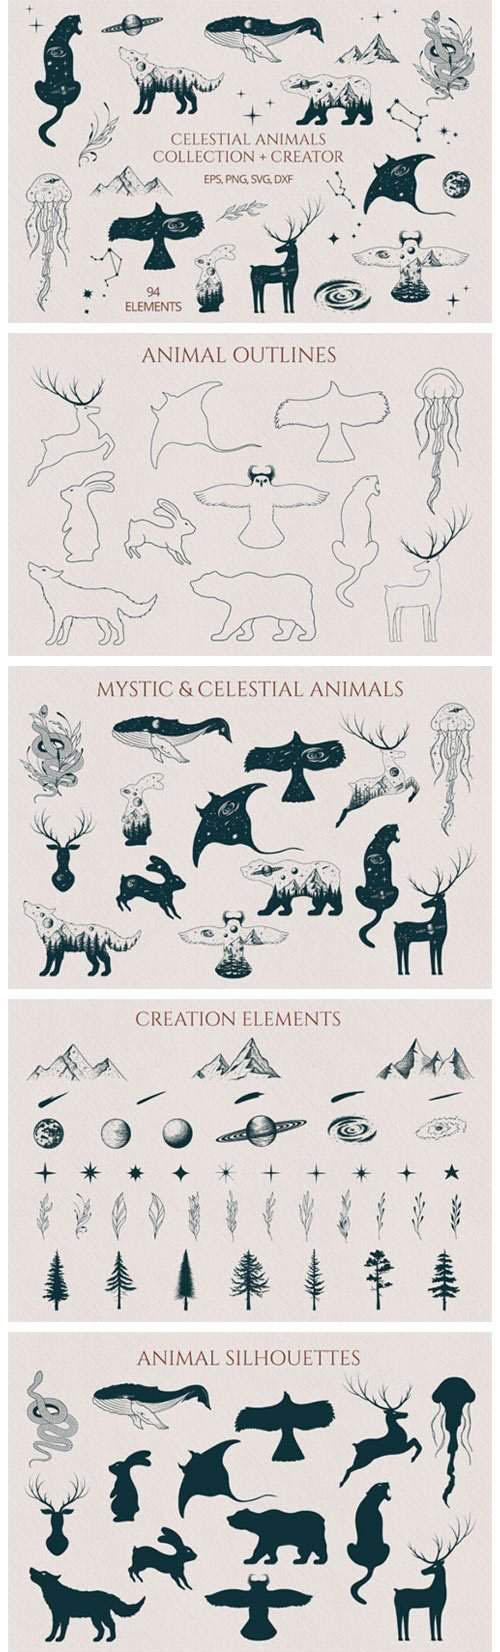 手绘天体动物收藏矢量素材